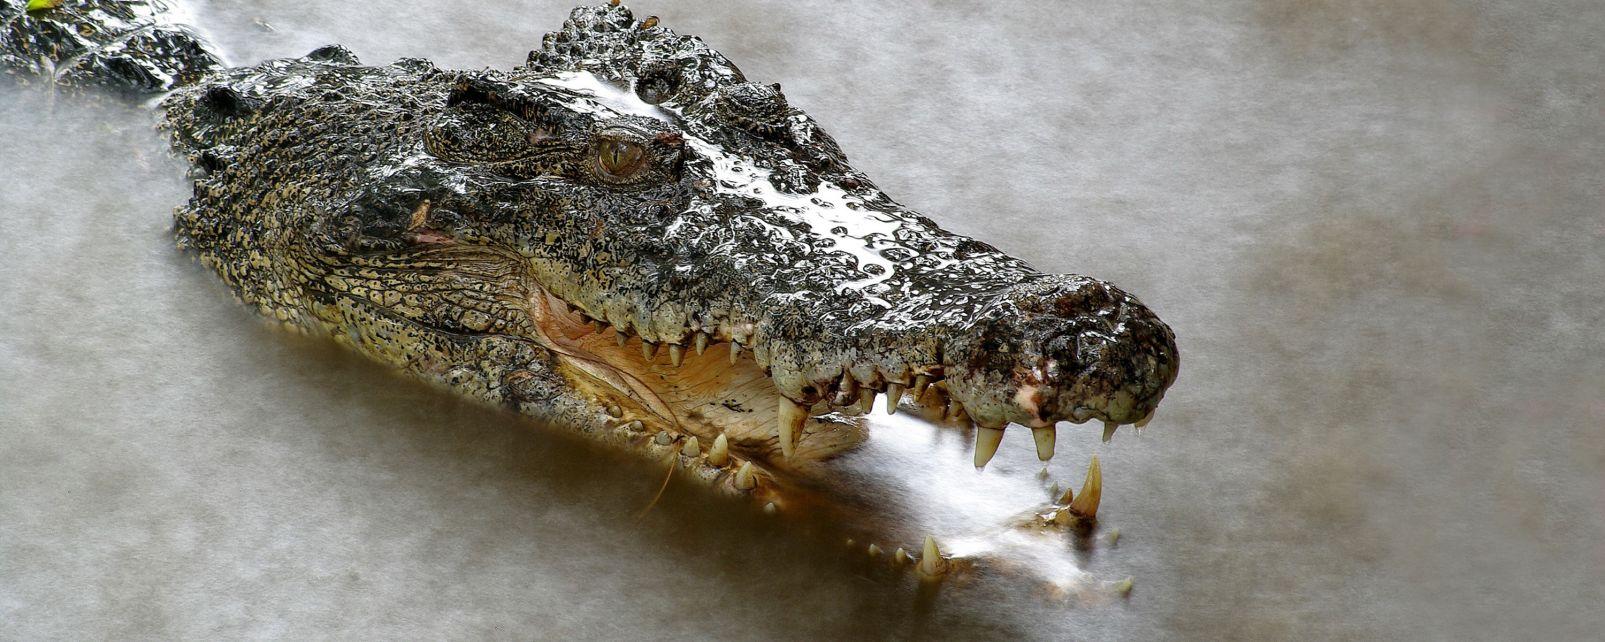 La faune et la flore, crocodile, philippines, asie, reptile, faune, animal, Agusan Marsh, marécage, marais, rivière